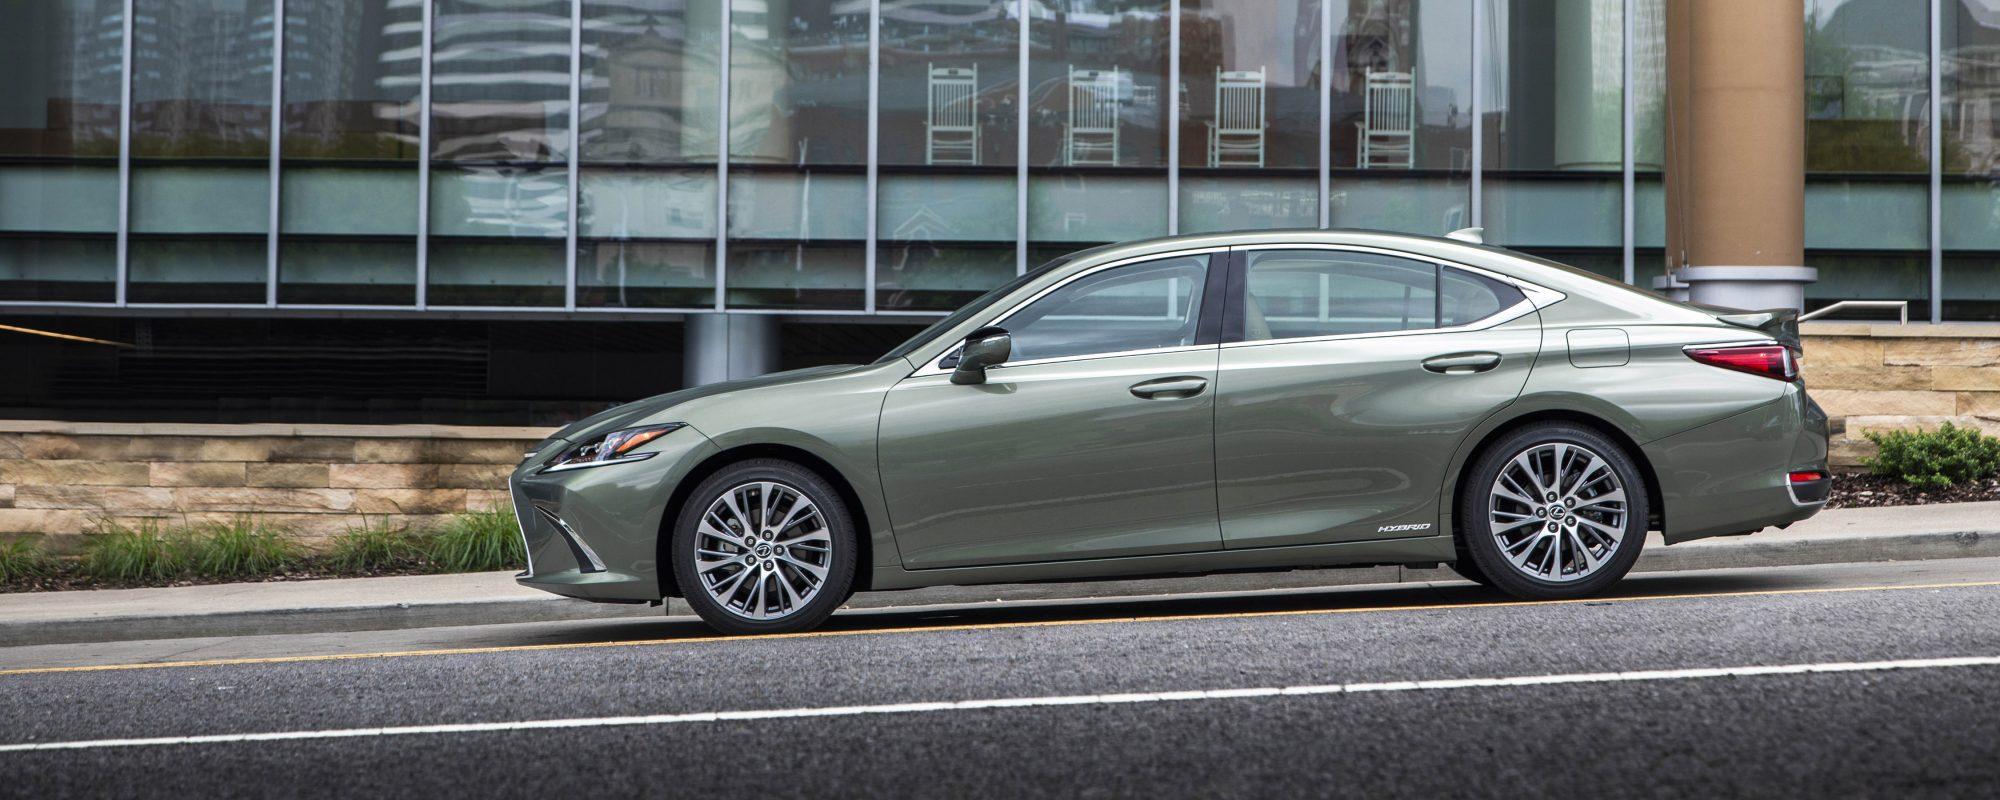 Lexus voor achtste jaar op rij het betrouwbaarst